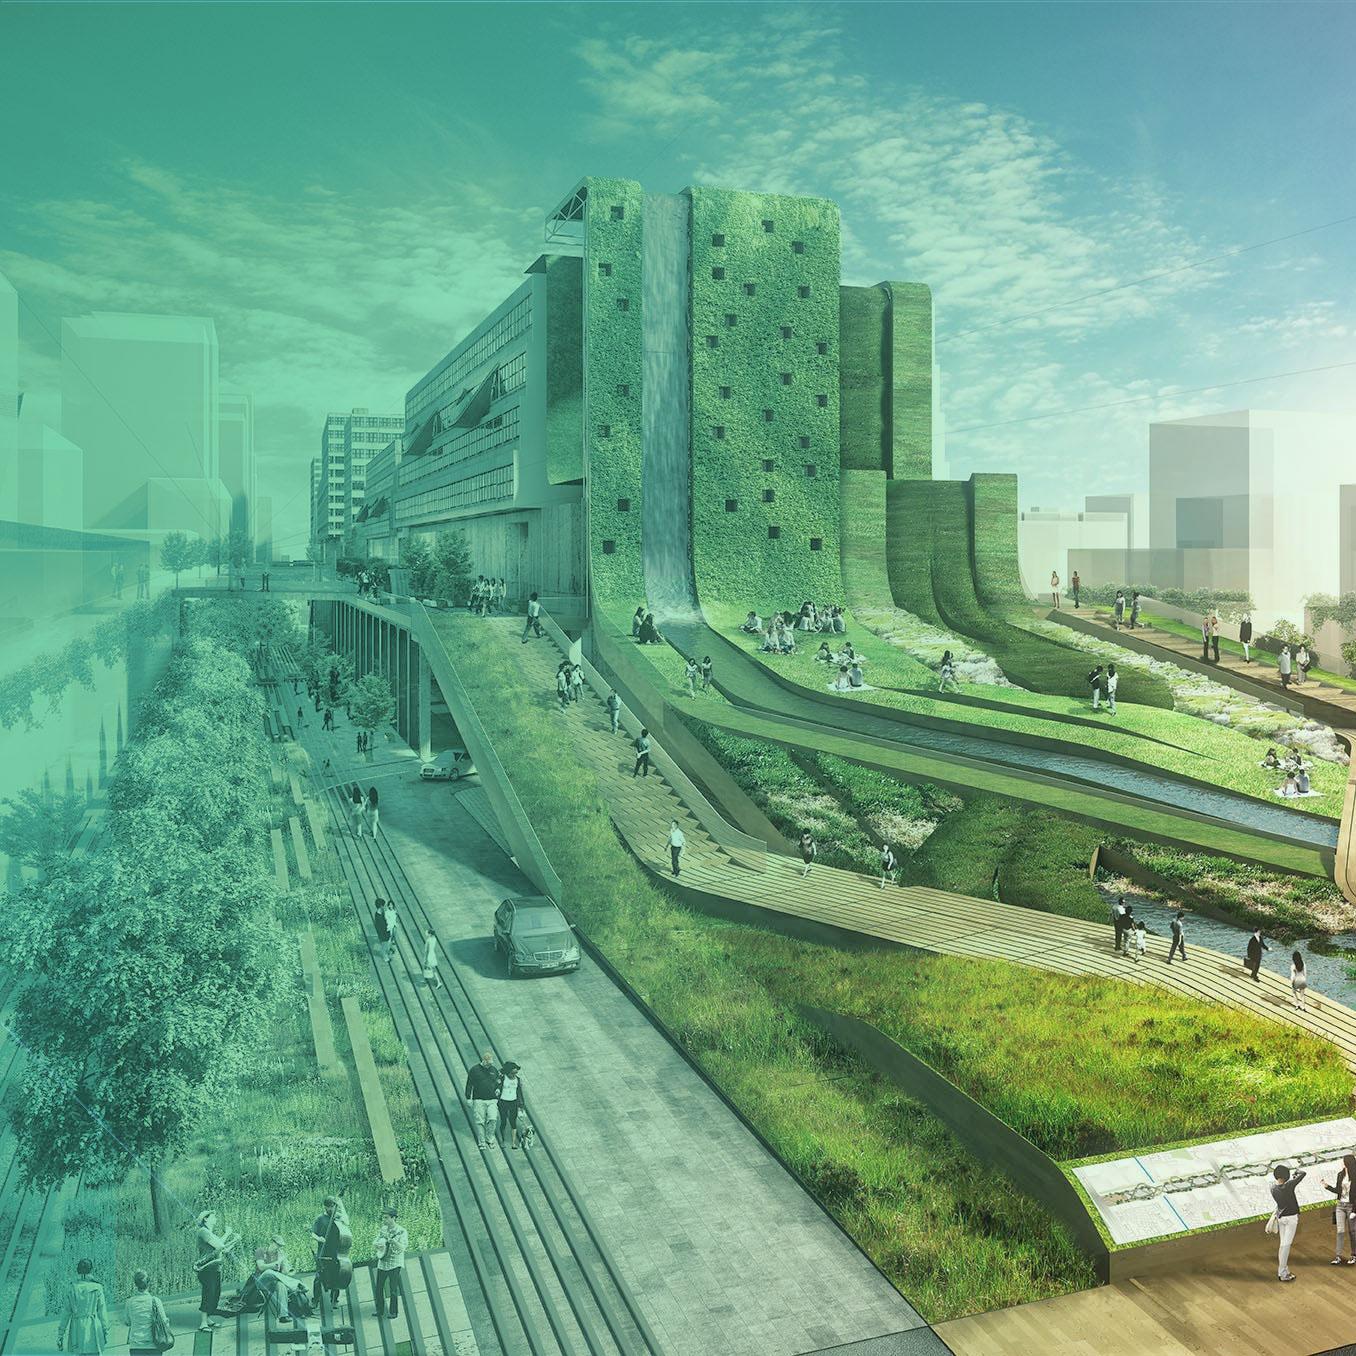 Imagem de um projeto de cidade super futuristica e sustentavel